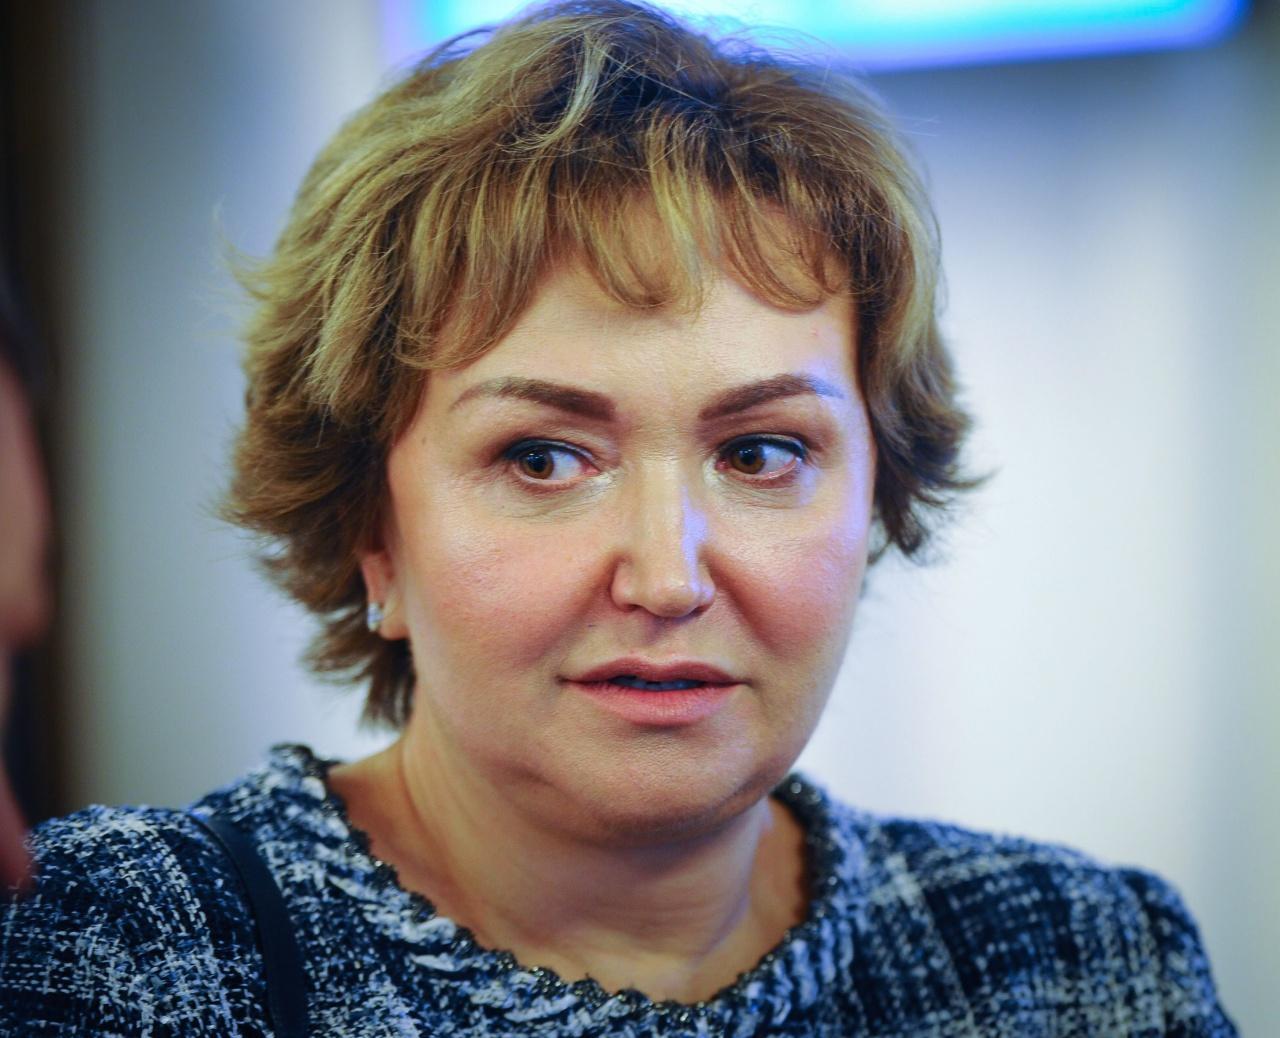 นาตาเลีย ฟิเลวา หนึ่งในผู้หญิงรวยสุดในรัสเซีย